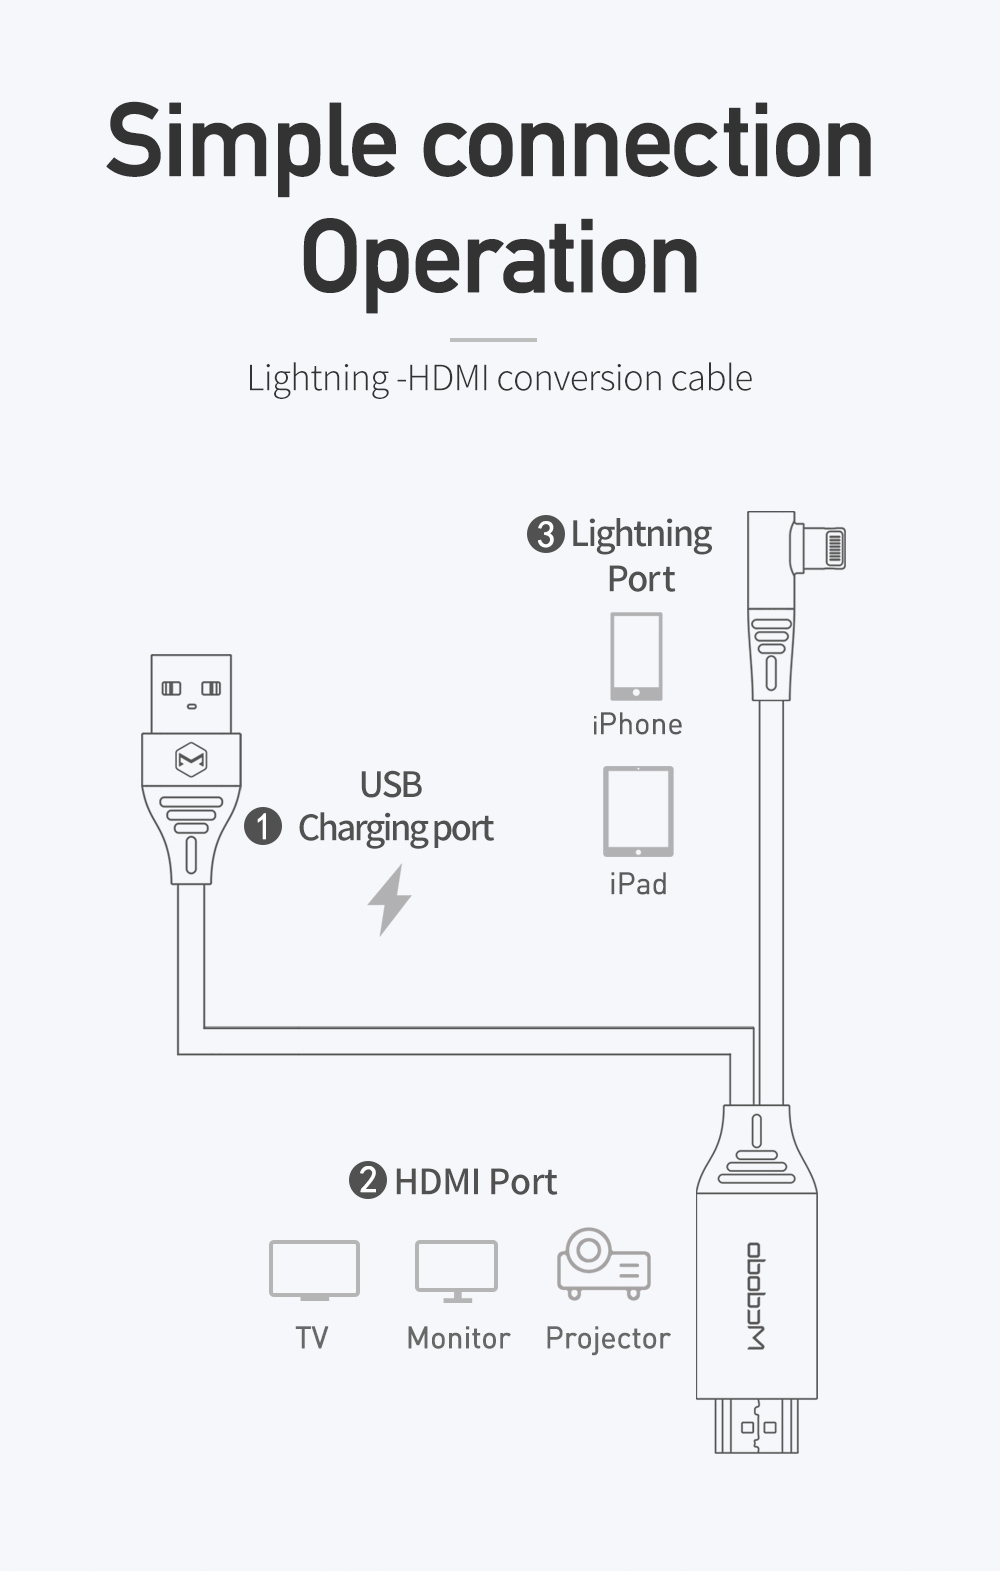 کابل تبدیل لایتنینگ به HDMI برند Mcdodo